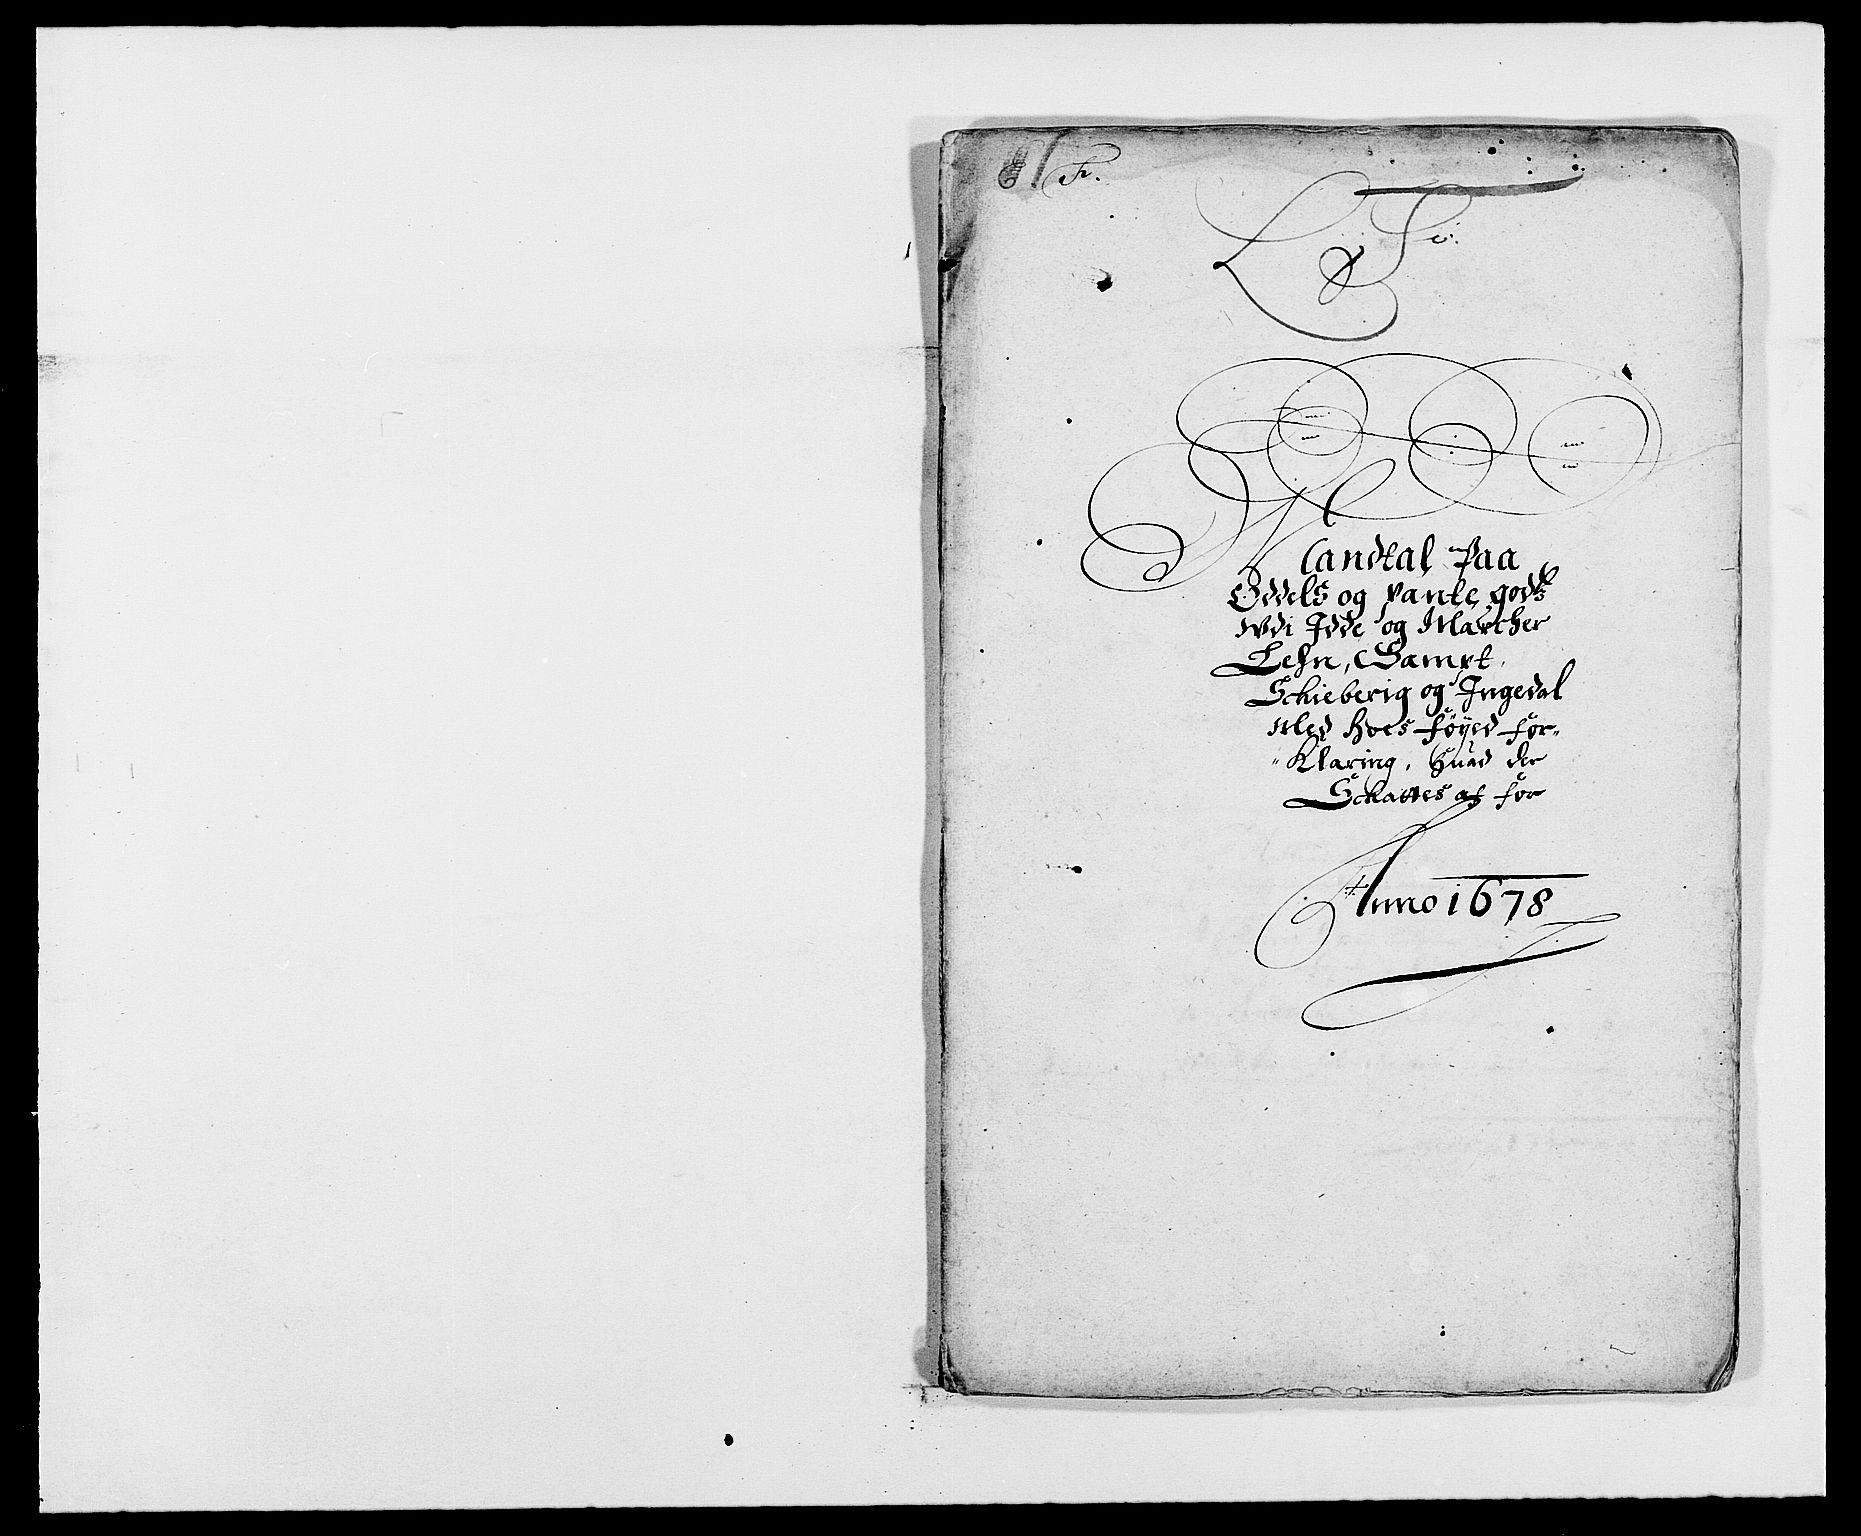 RA, Rentekammeret inntil 1814, Reviderte regnskaper, Fogderegnskap, R01/L0001: Fogderegnskap Idd og Marker, 1678-1679, s. 160